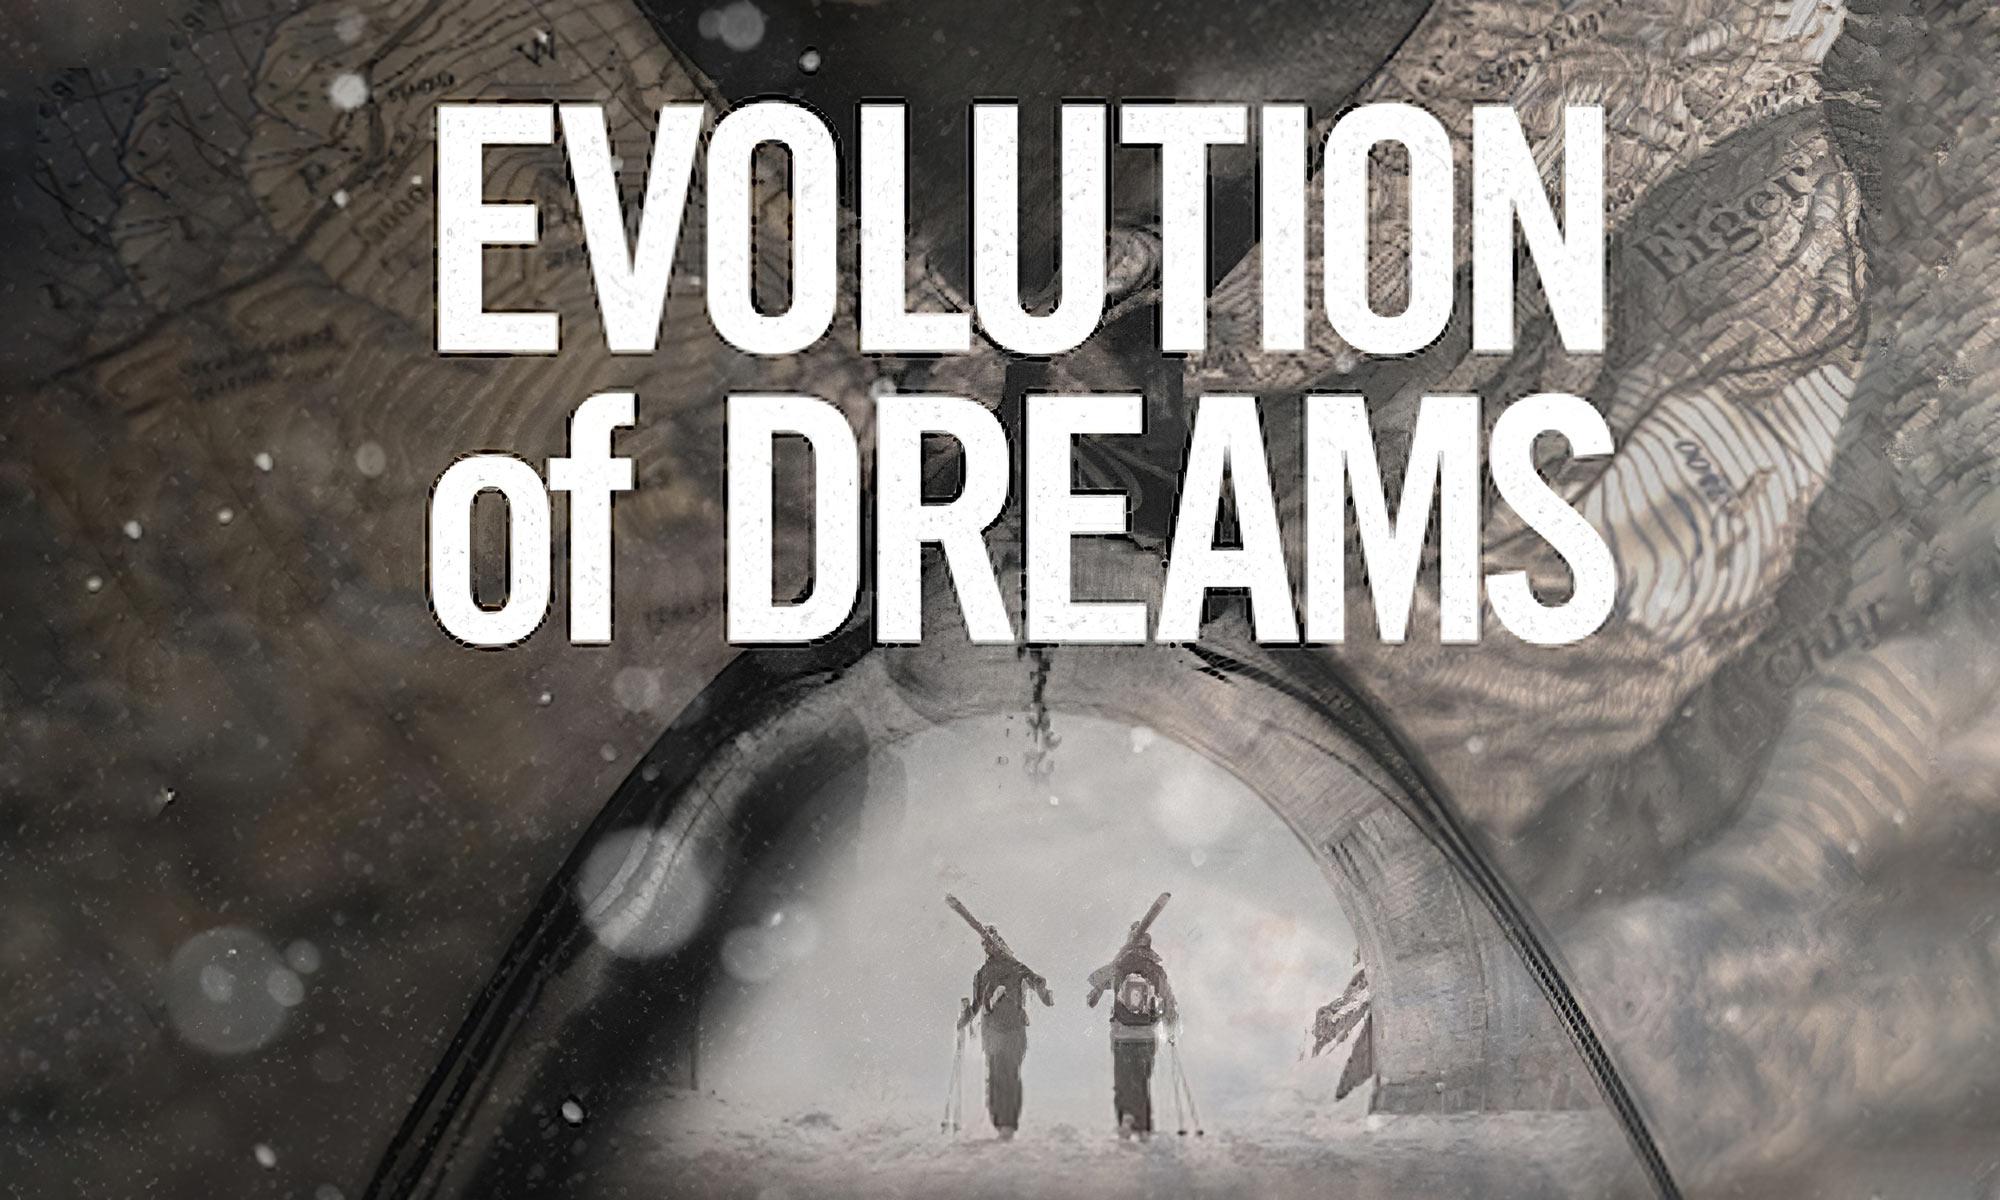 Evolution of dreams